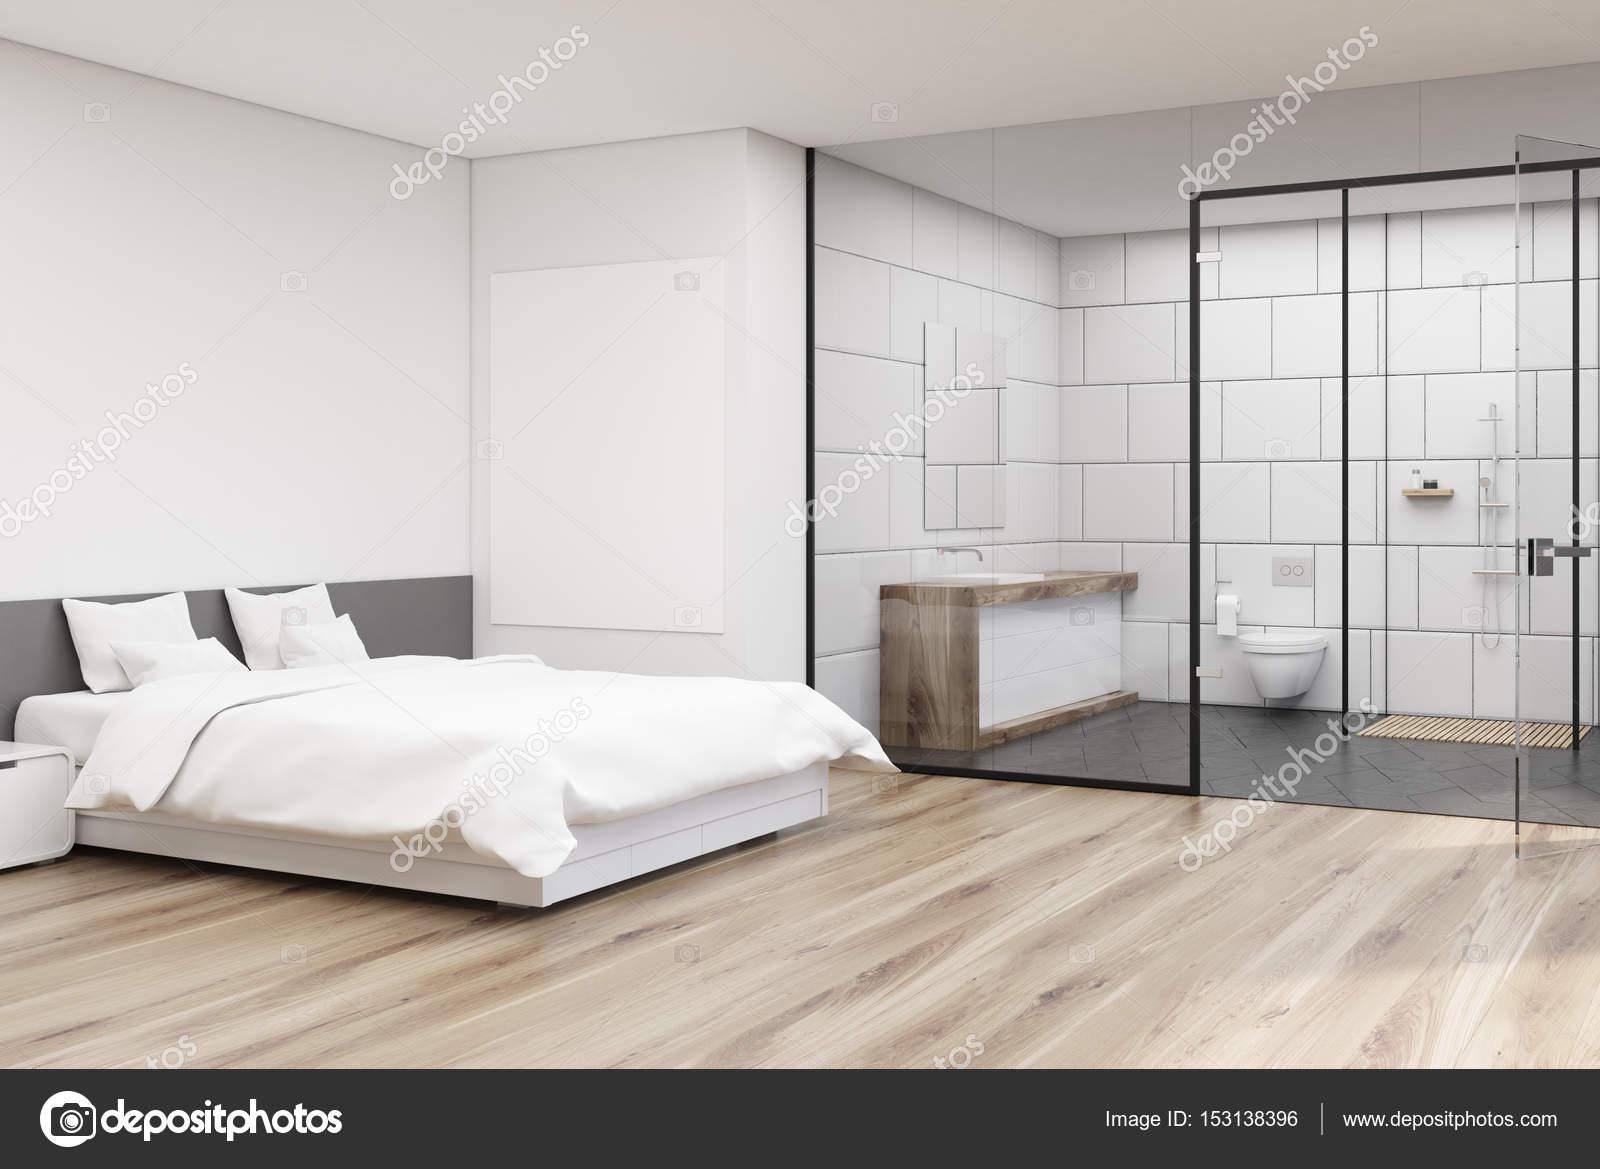 Camera da letto con bagno bianco, angolo — Foto Stock ...